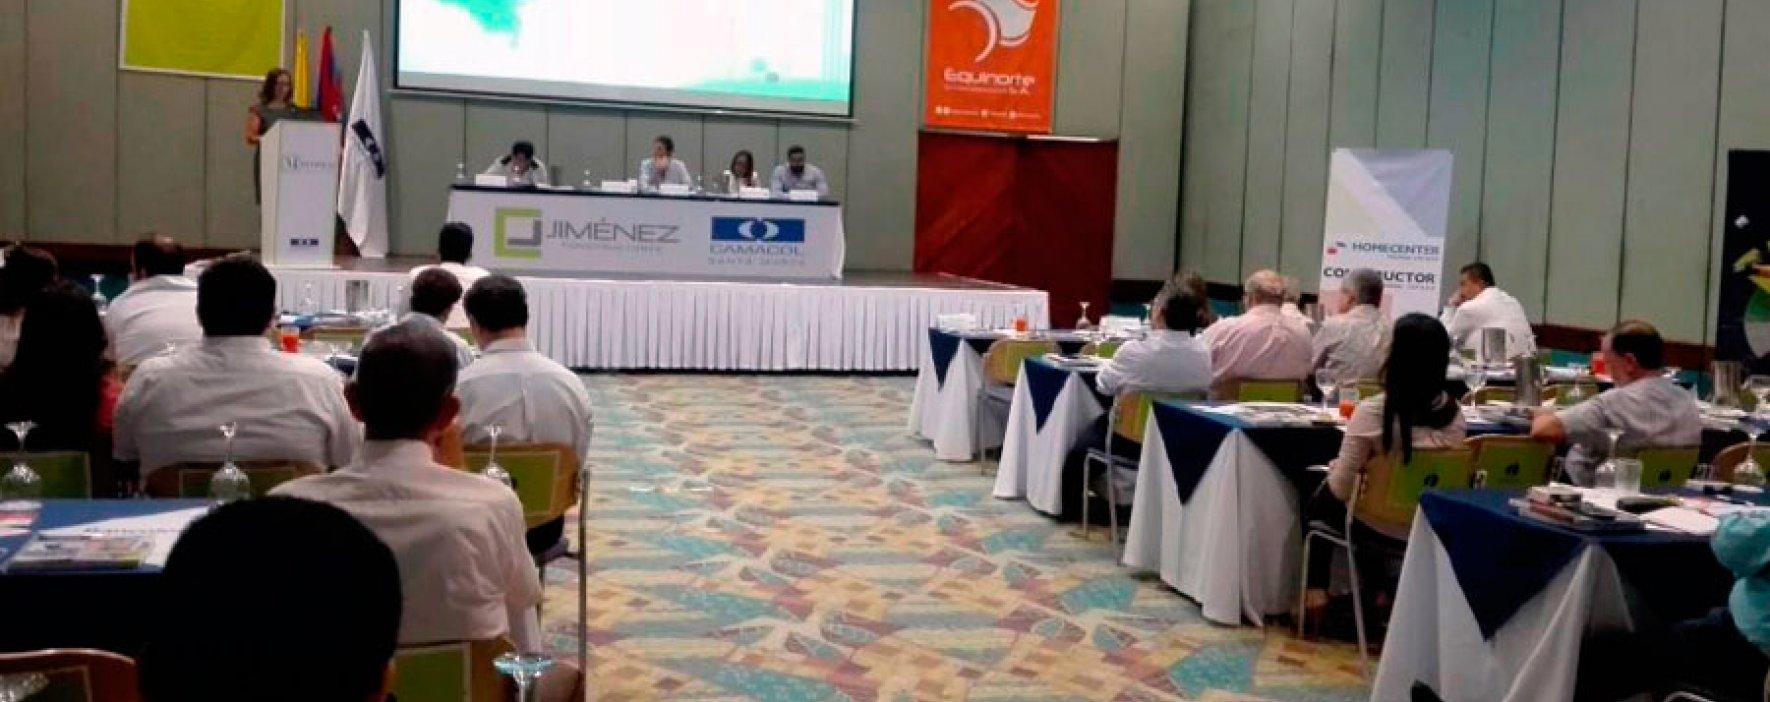 Construcción de edificaciones, sector con potencial para economía de Magdalena